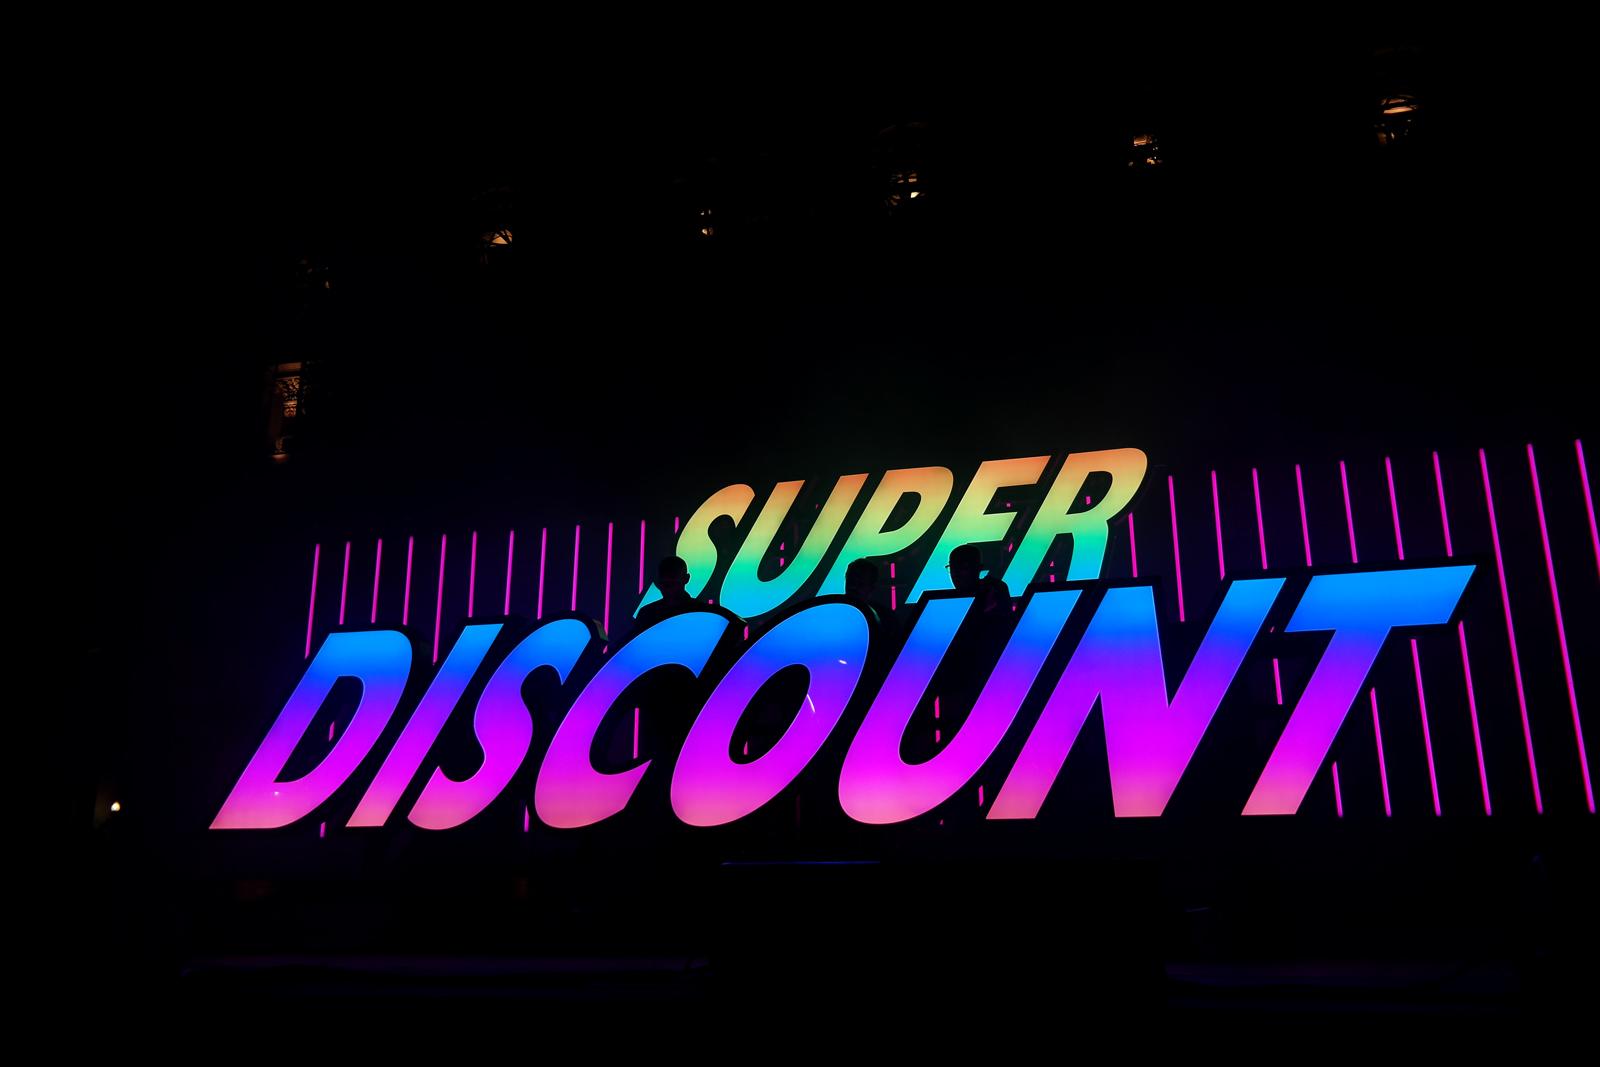 Etienne-de-Crécy-Super-Discount-3-live-fnaclive-concert-dj-set-festival-album-musique-rainbow-stage-photo-scène-by-united-states-of-paris-blog